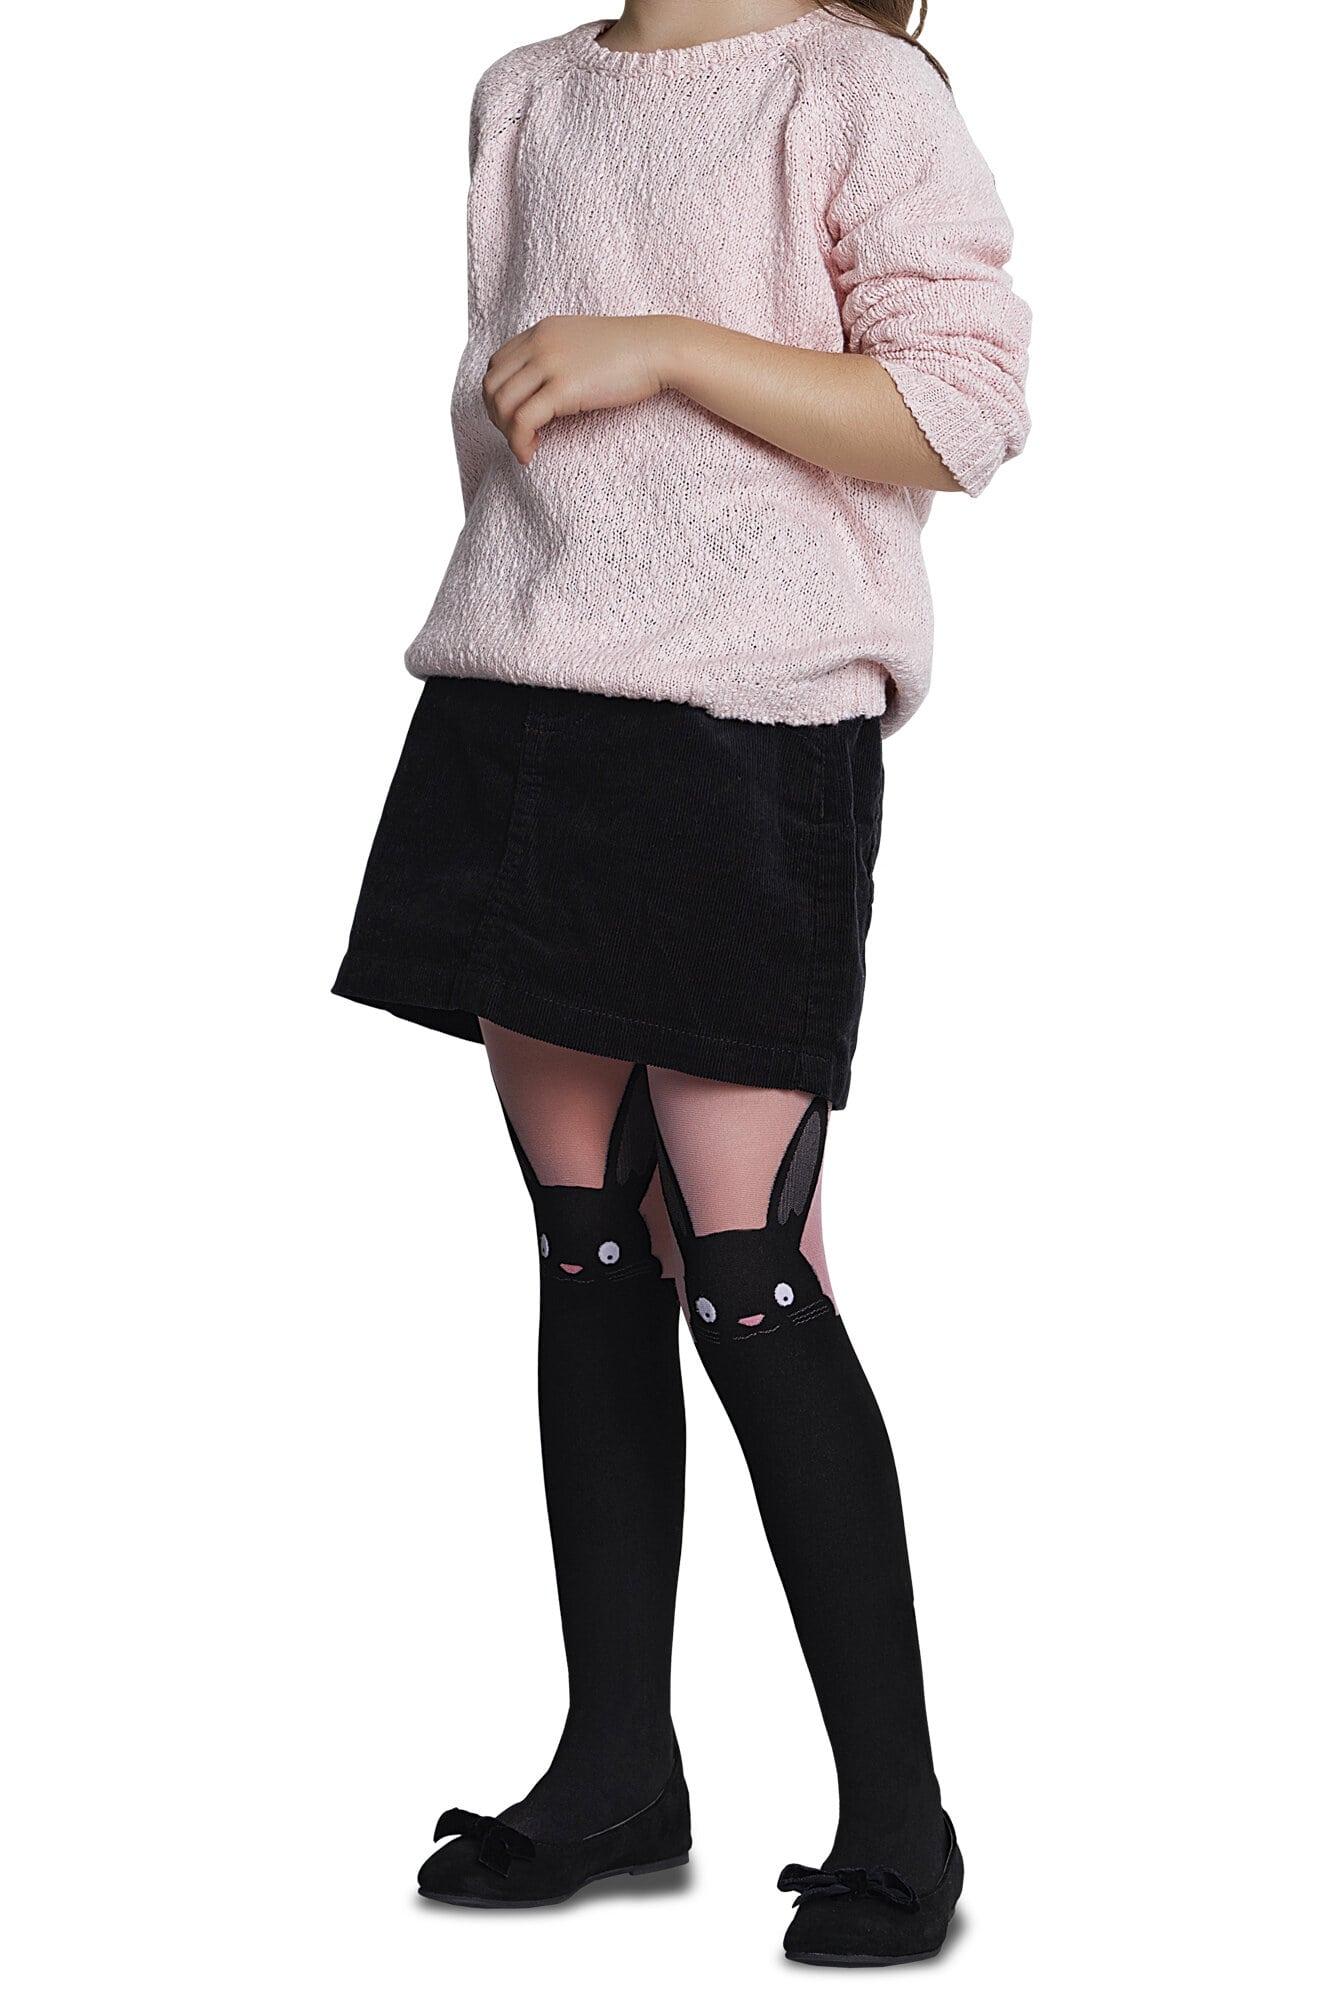 پنتی | Penti - جوراب شلواری طرحدار دخترانه پنتی Bunny صورتی